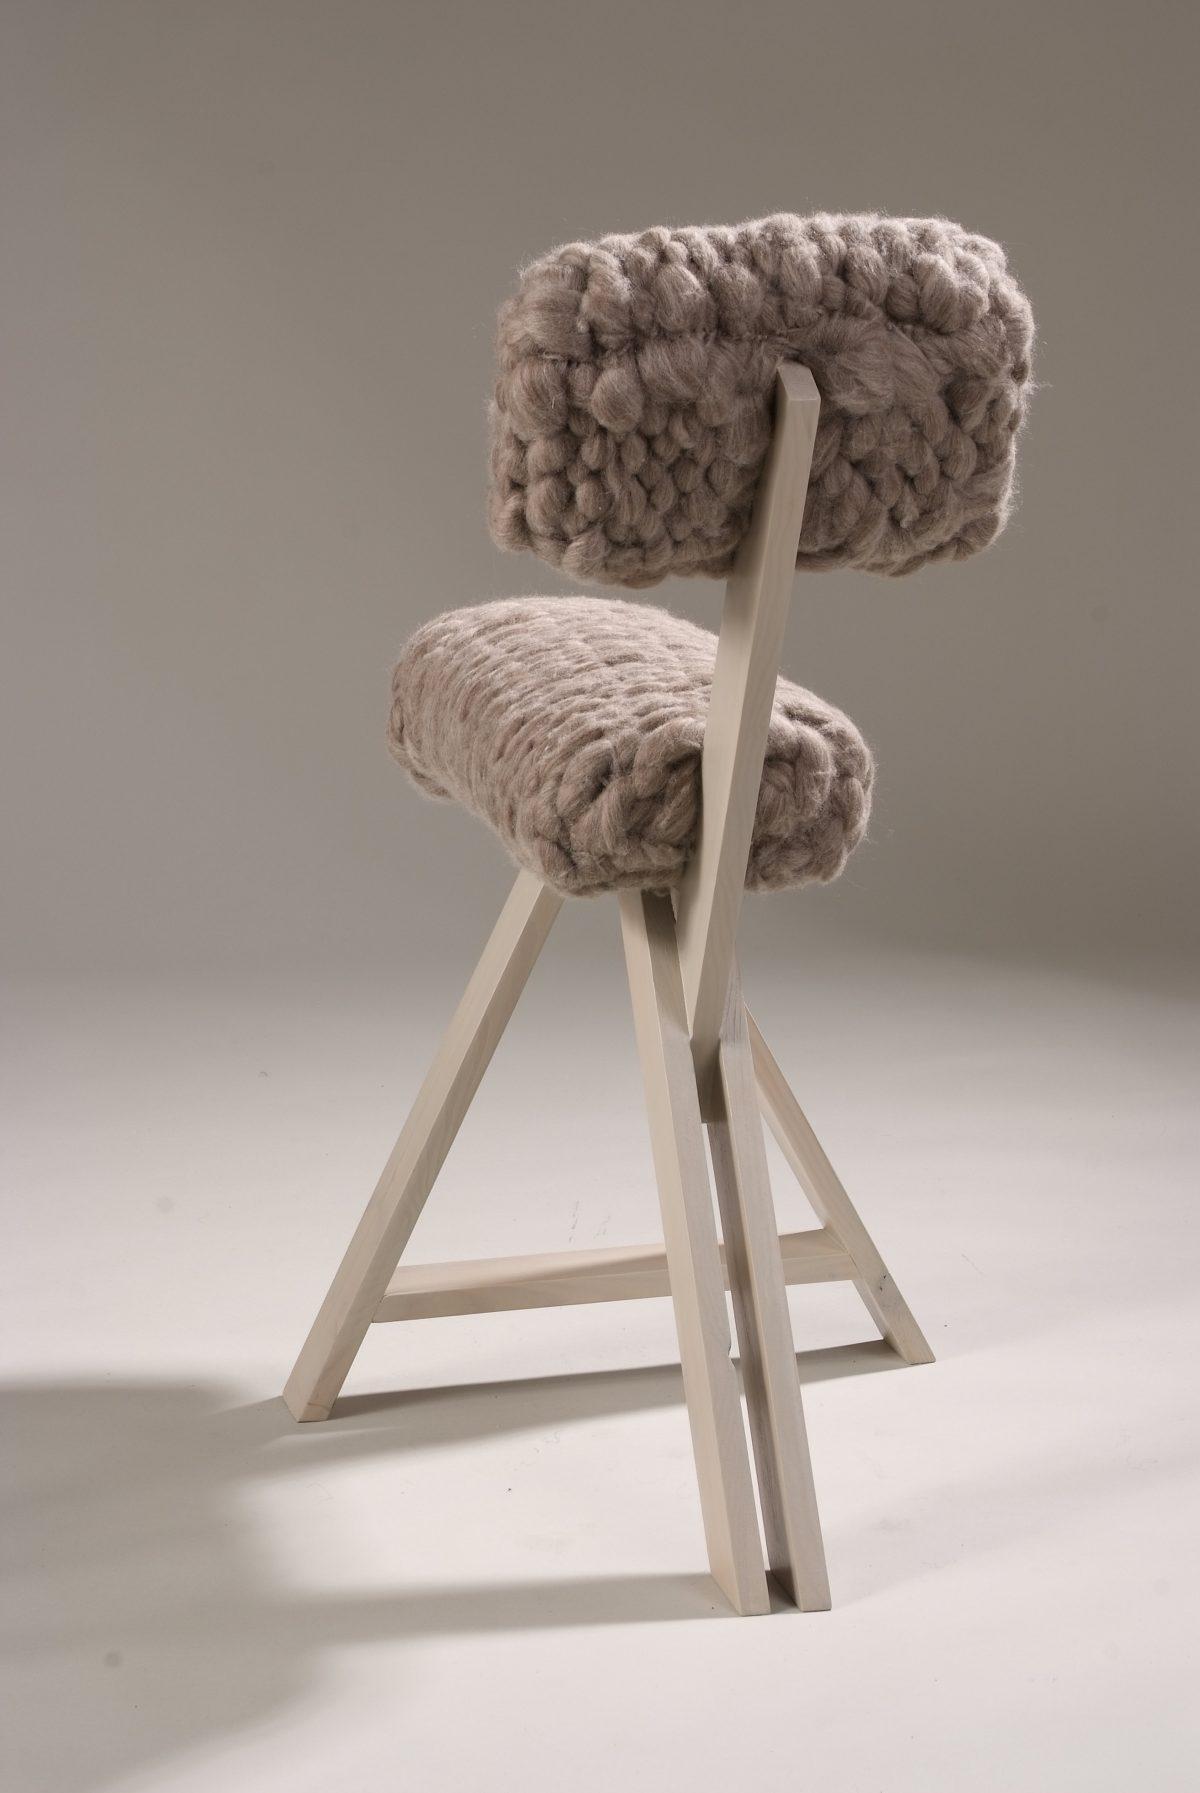 Sheep Chair Grijs – Jolanda van Goor